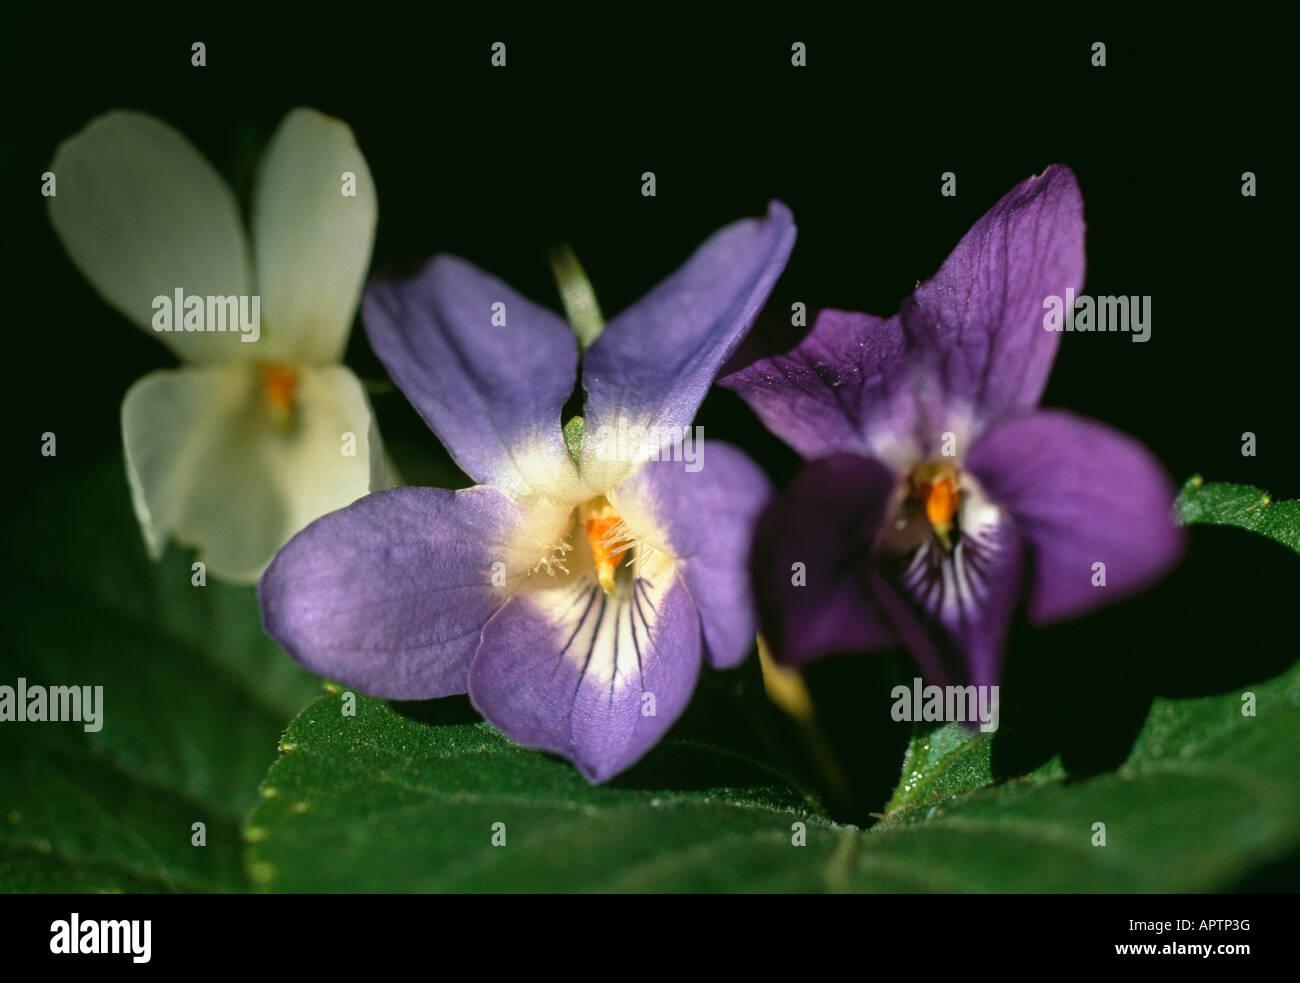 Viola odorata blue purple white a pretty trio - Stock Image